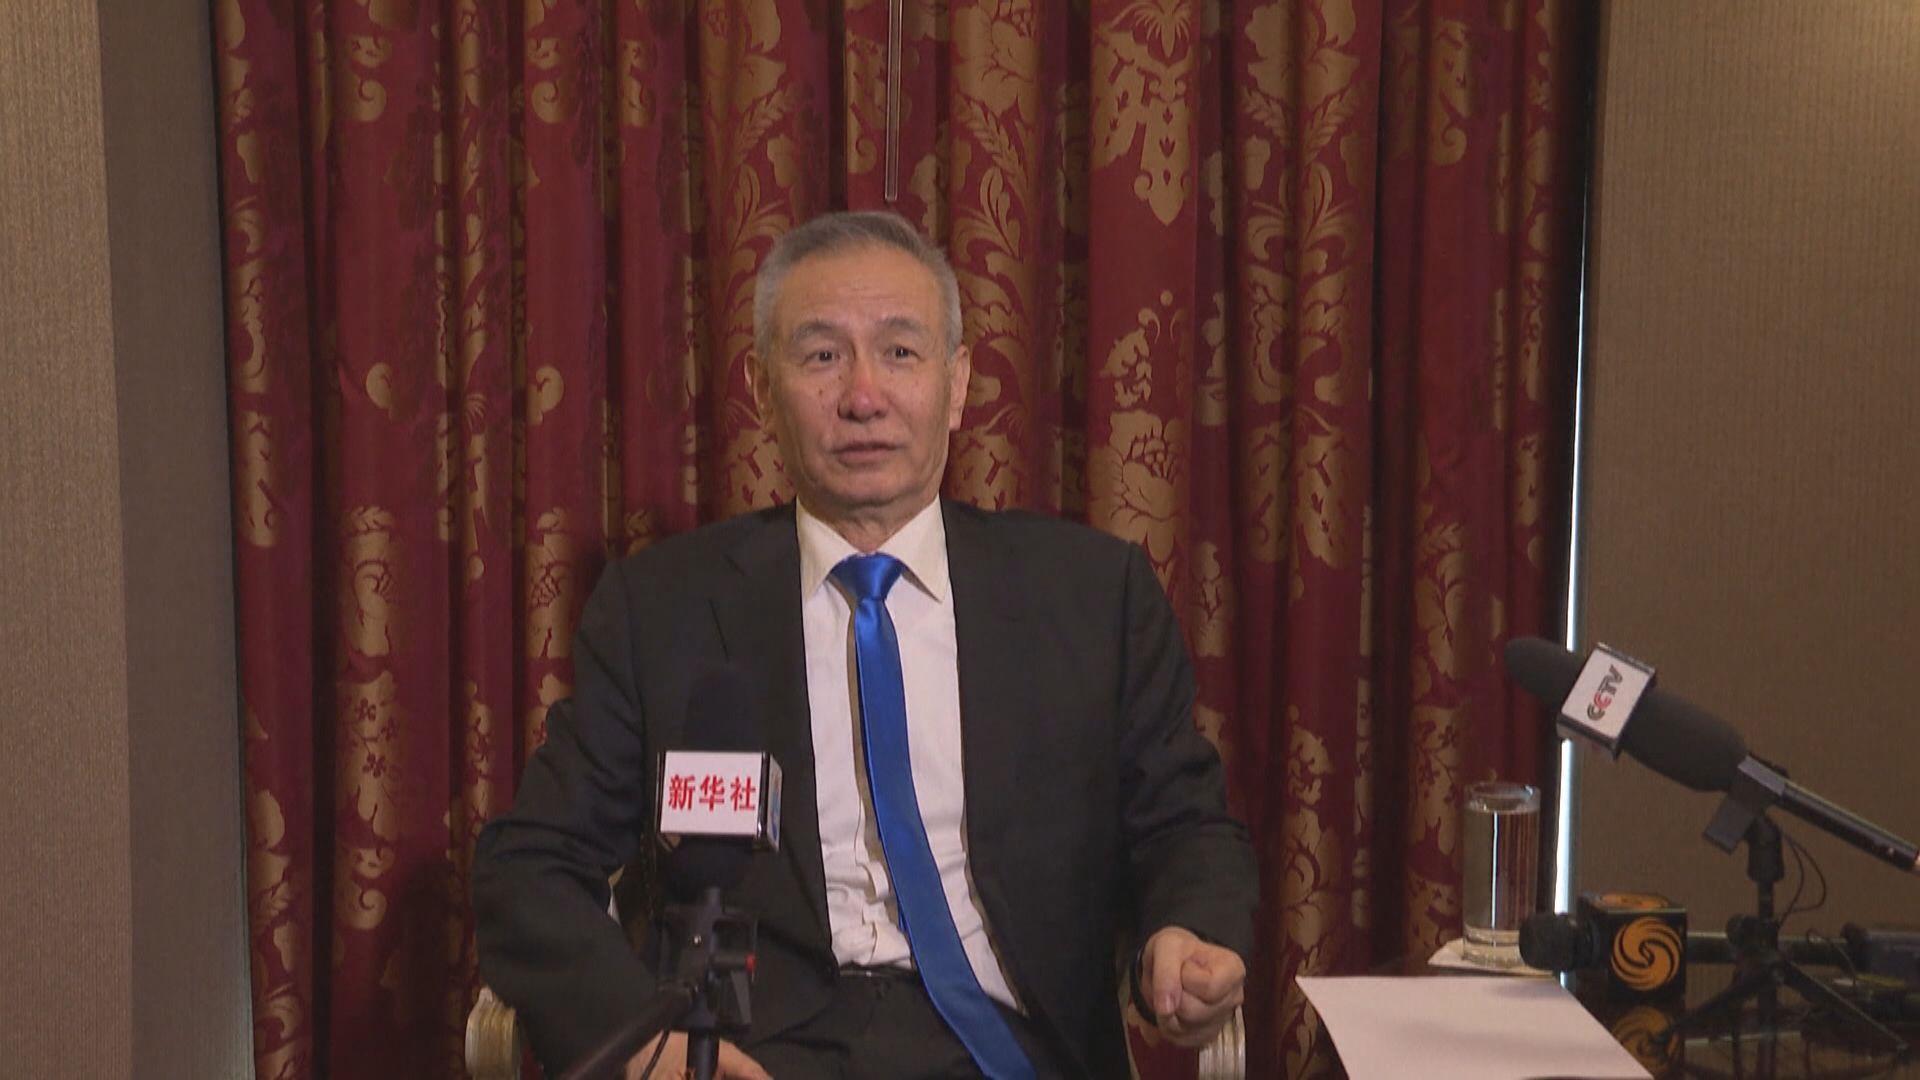 中美貿易磋商未有協議 劉鶴:談判無破裂